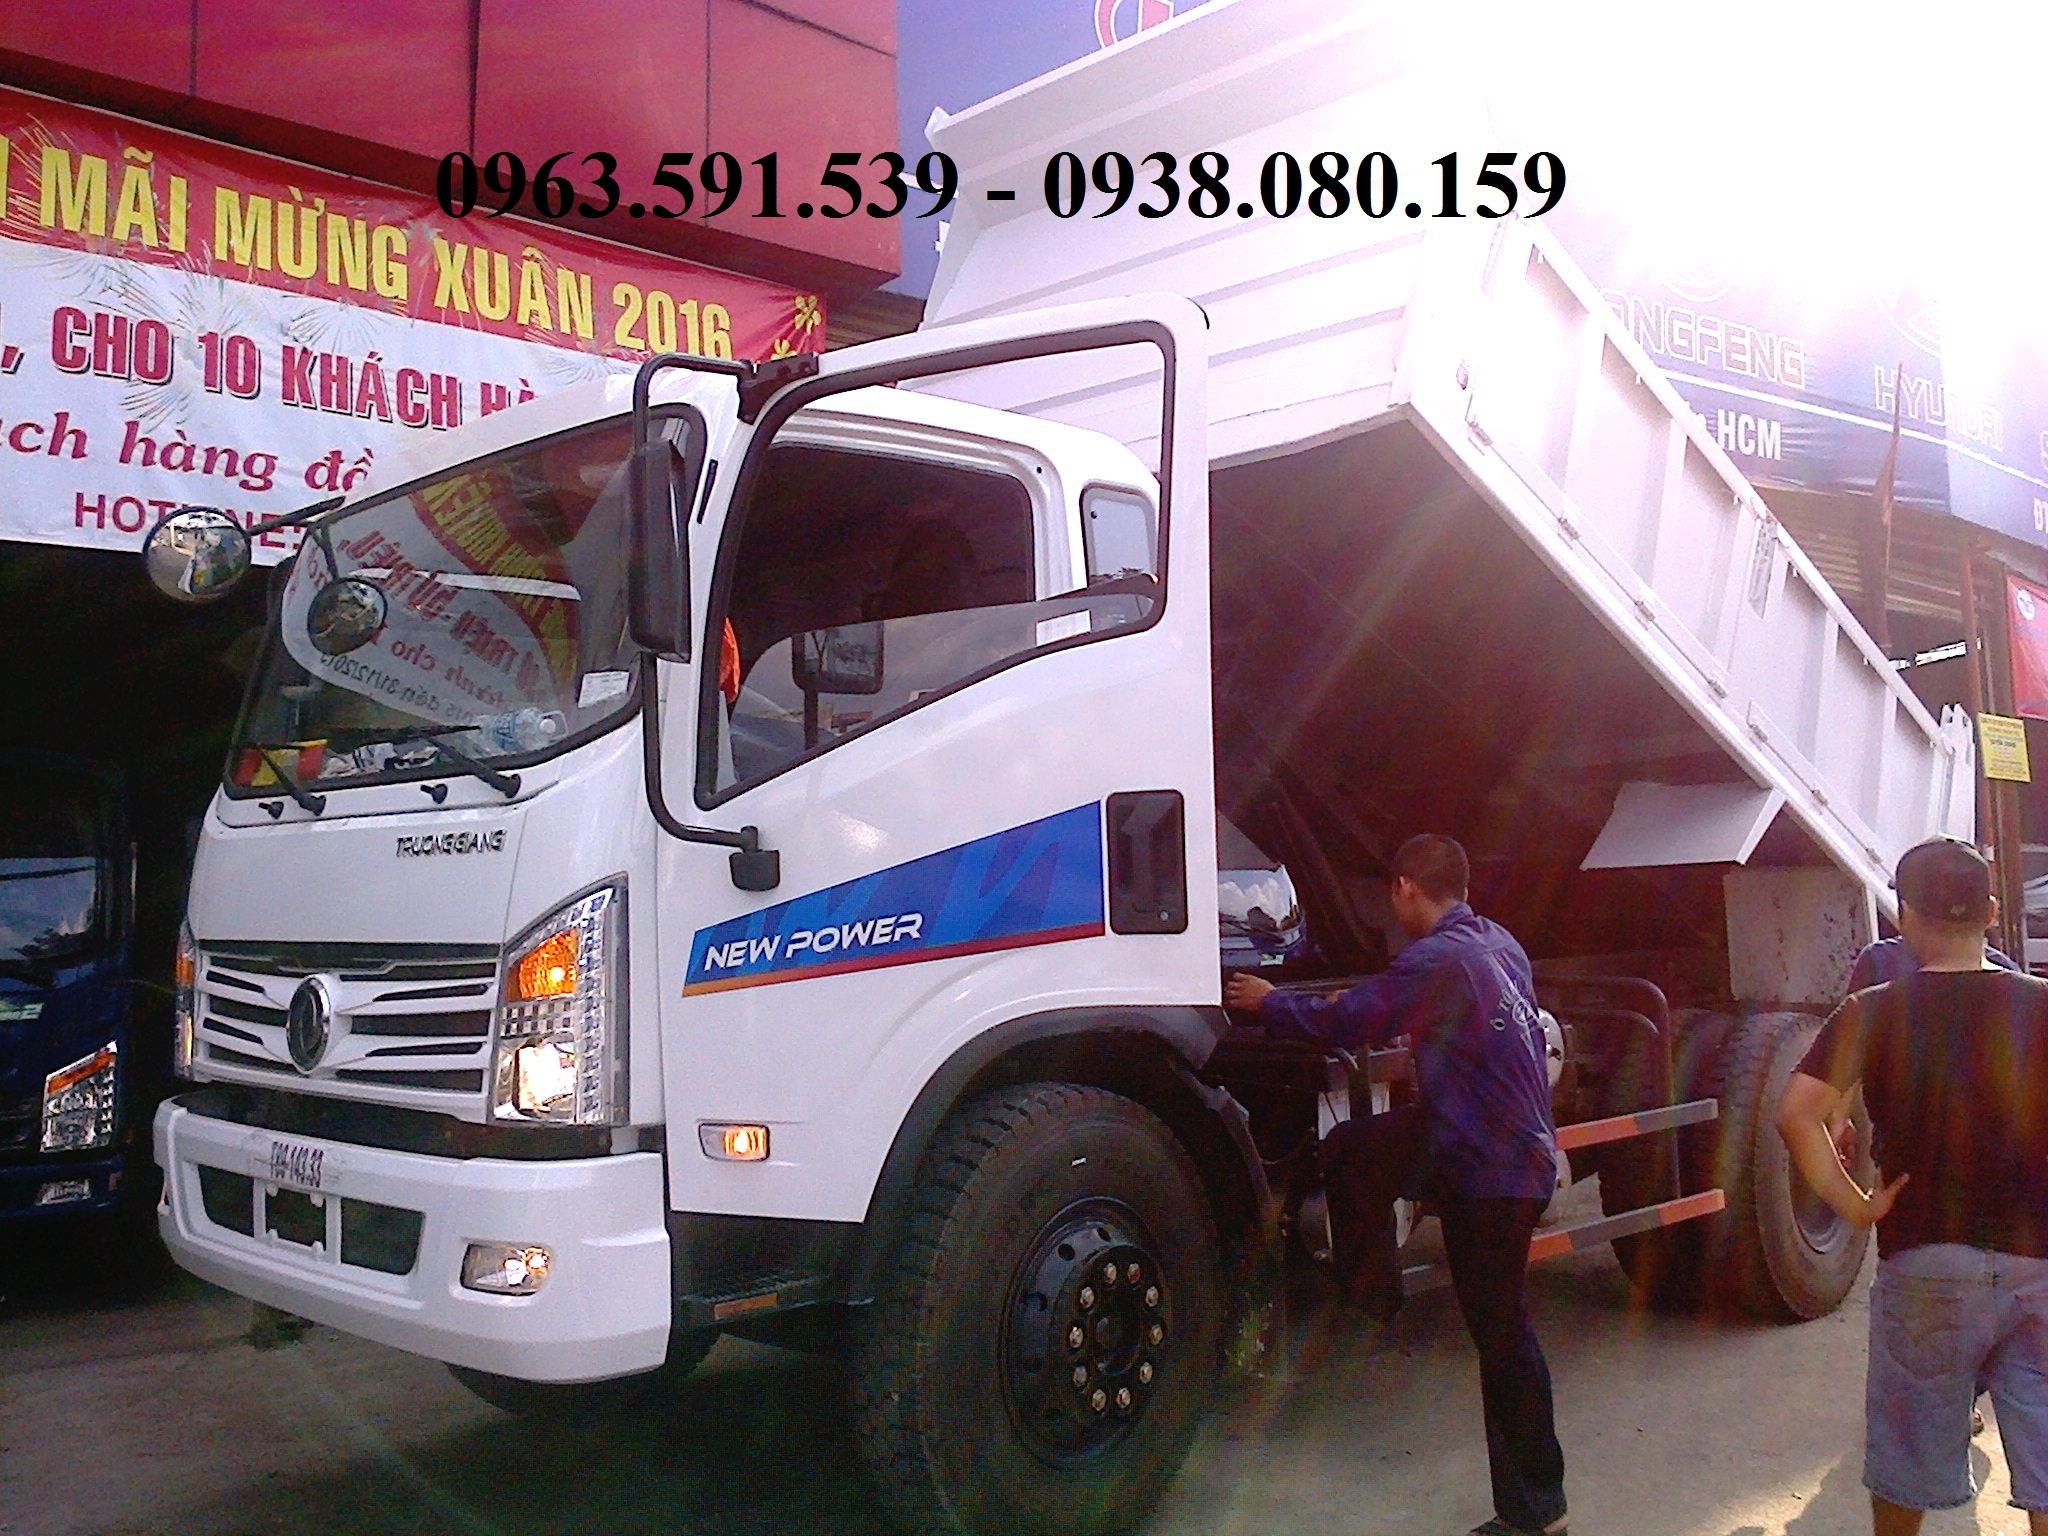 Chuyen buon ban xe ben Dongfeng Truong Giang 9t292 tan gia tot tai Sai Gon